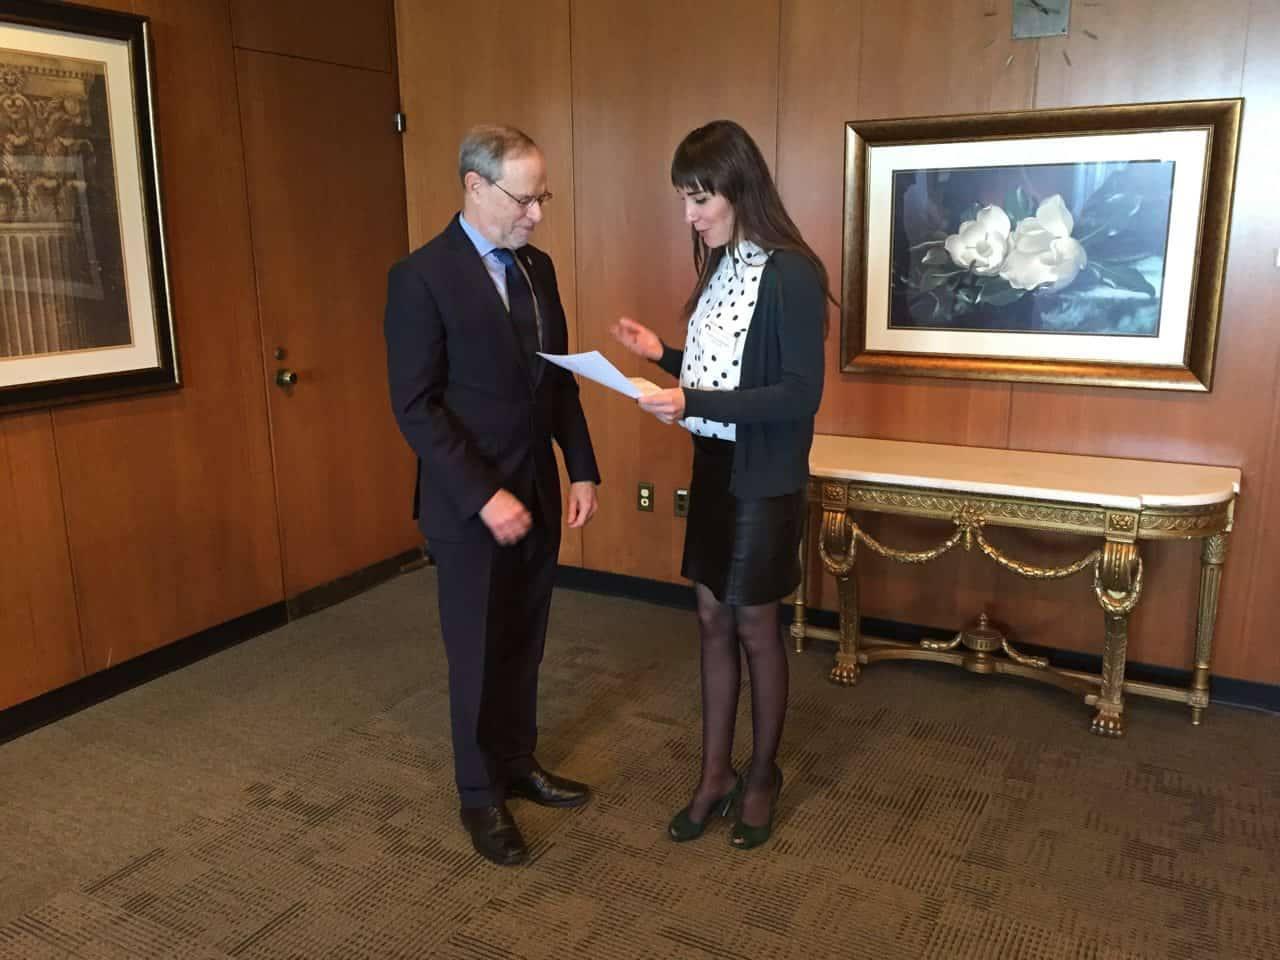 Депутат Ірина Ярмоленко взяла участь у програмі «Відкритий світ» від Конгресу США